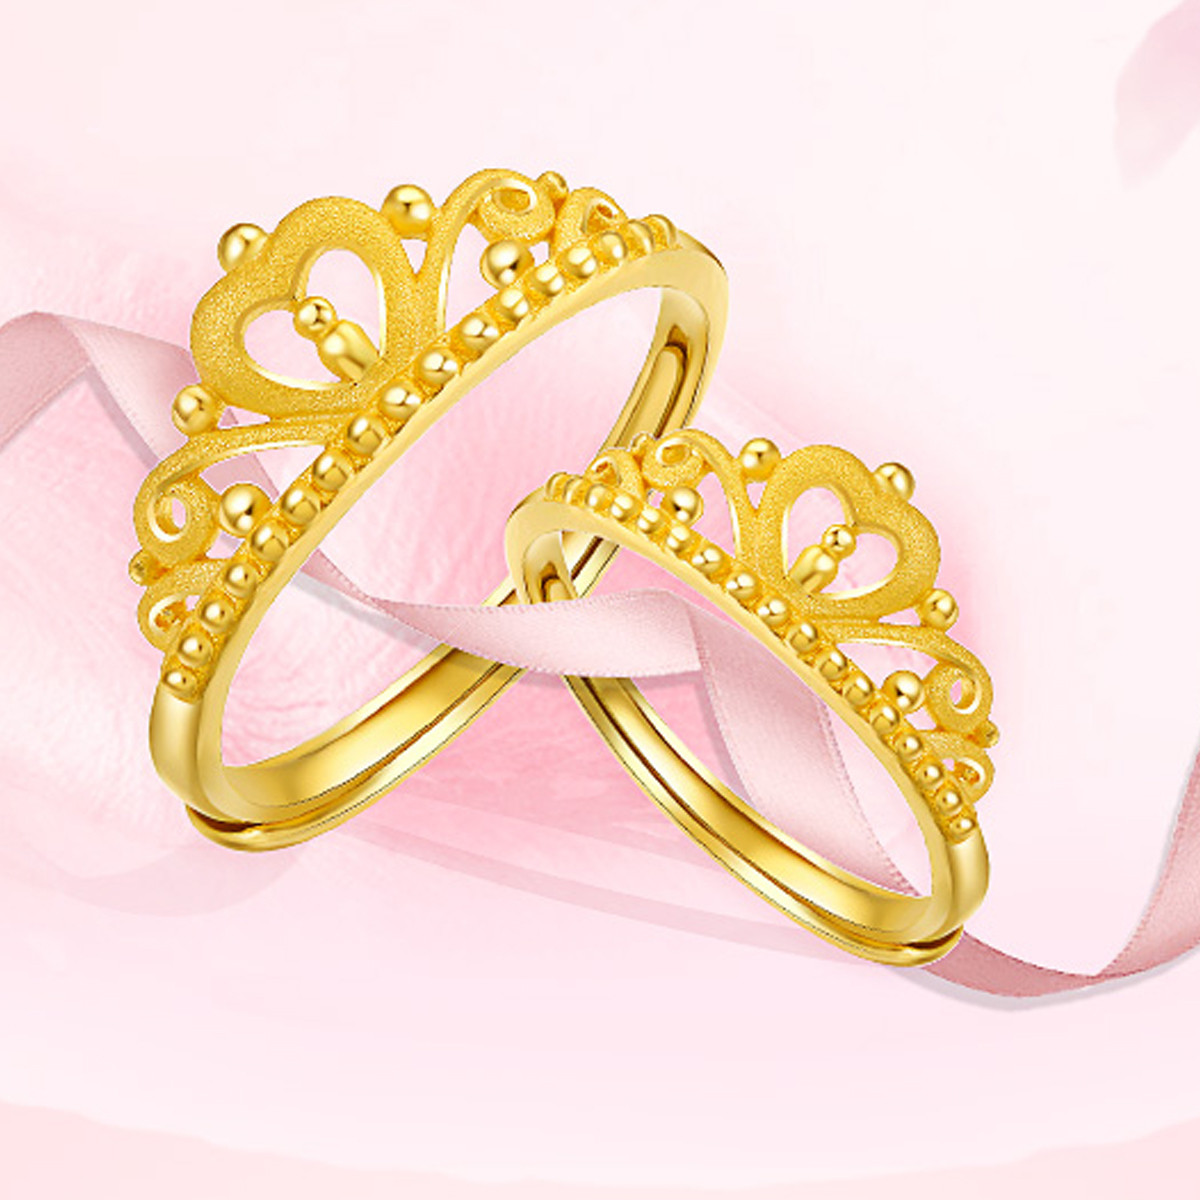 吉盟珠宝吉盟珠宝 黄金戒指女士皇冠系列心形对戒足金开口戒光砂面情侣戒AR077